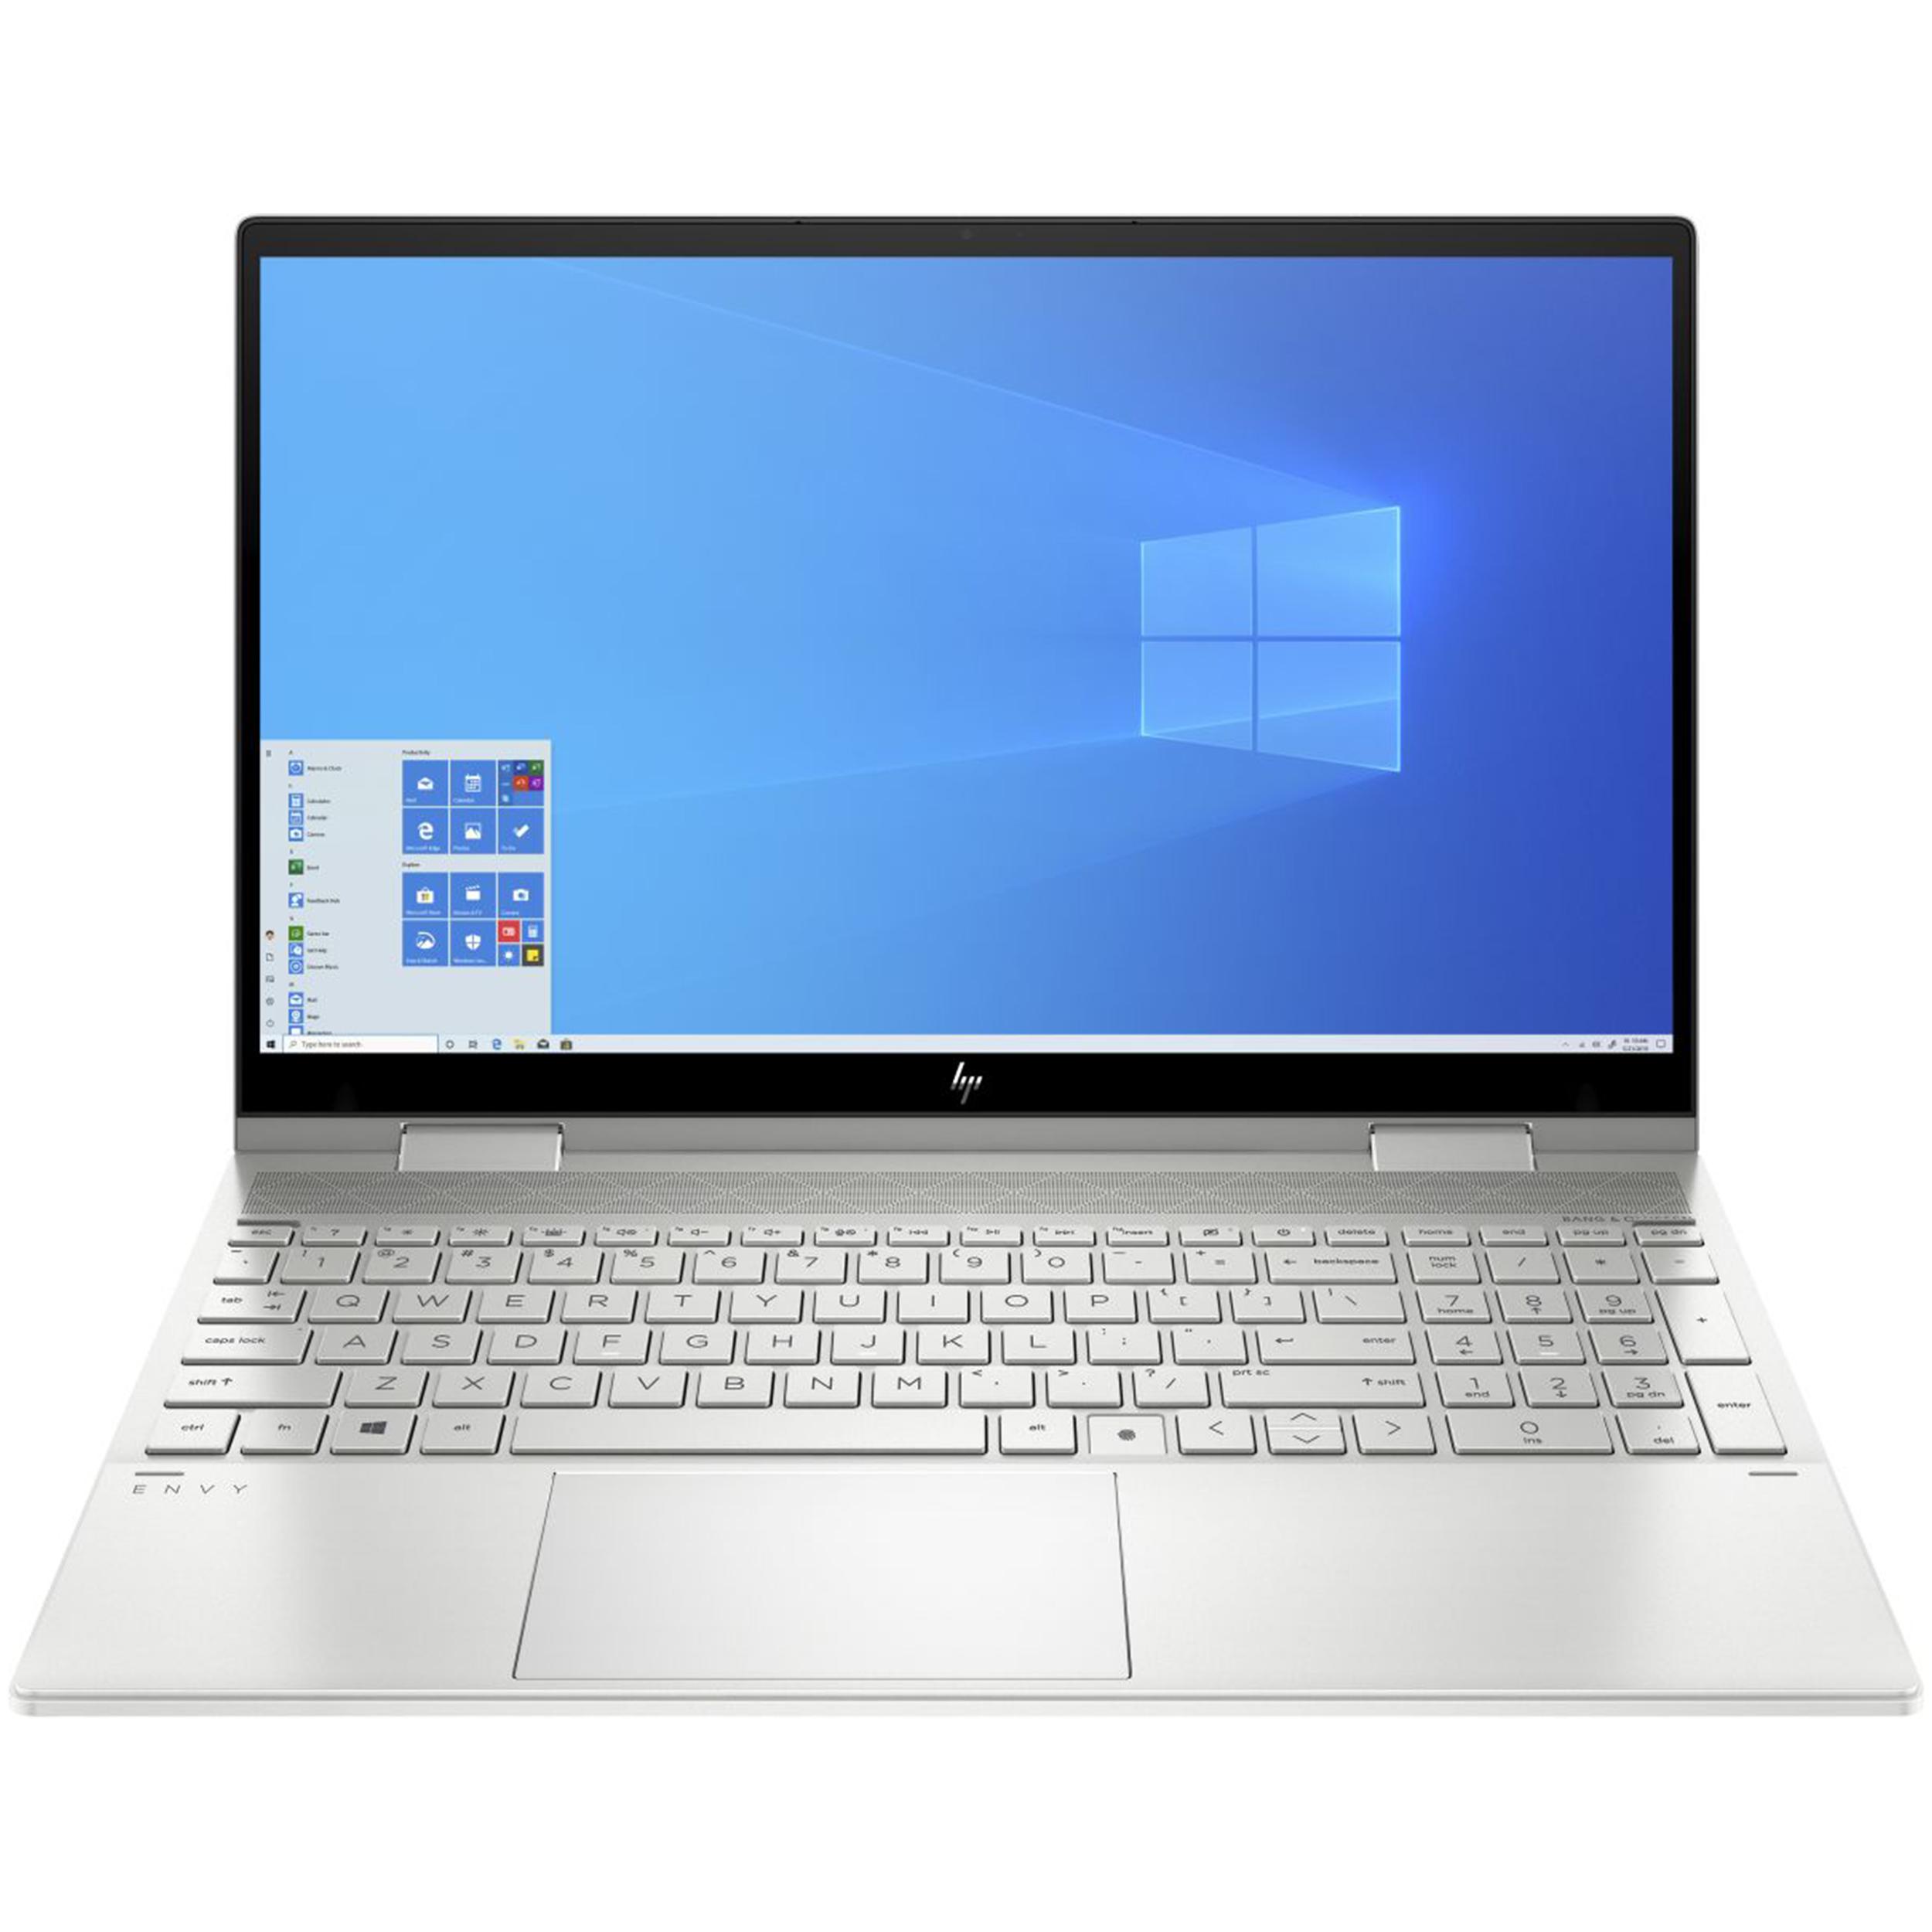 لپ تاپ ۱۵ اینچی اچ پی مدل ENVY X360 15T ED000-A